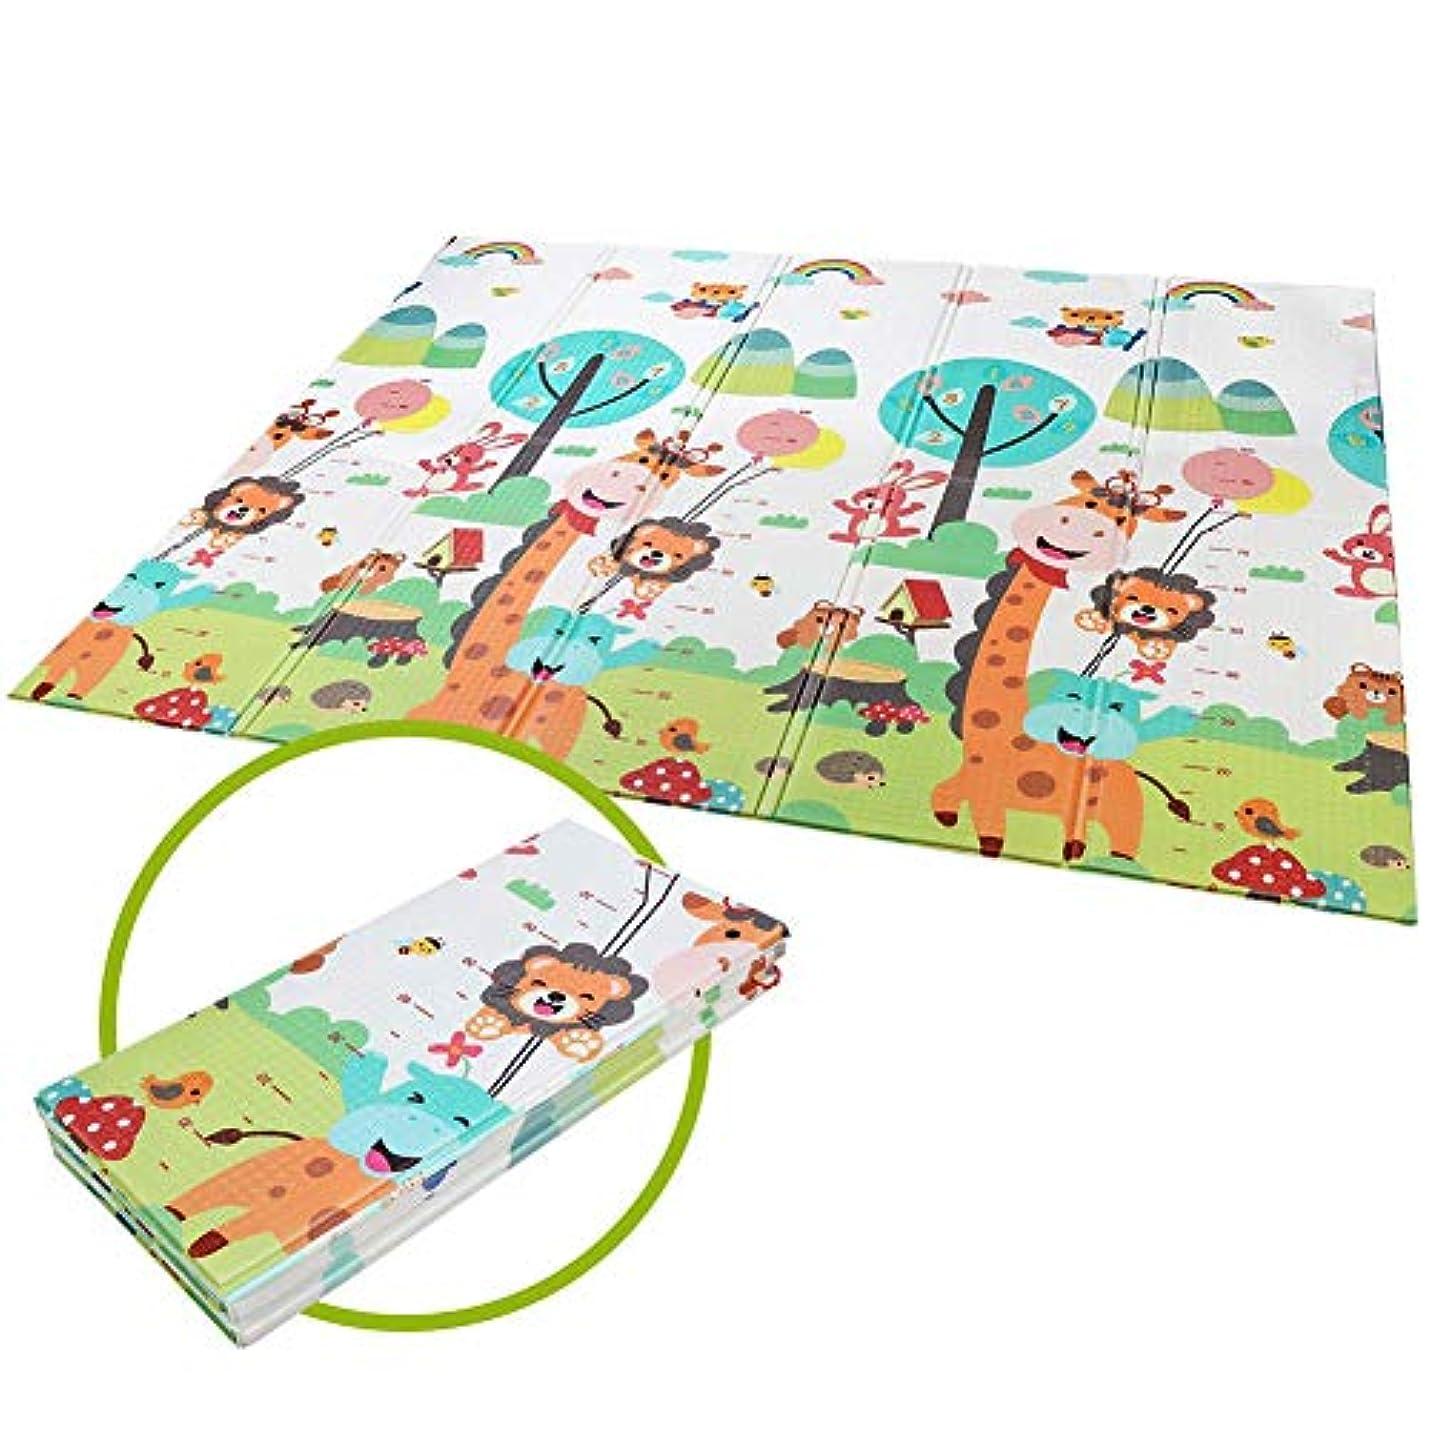 静めるカーフここに赤ちゃんは折りたたみ特大リバーシブル下敷きをクロール赤ちゃん用マット、折り畳み式の無臭クロール無毒XPE泡プレイマット,180*150*1cm